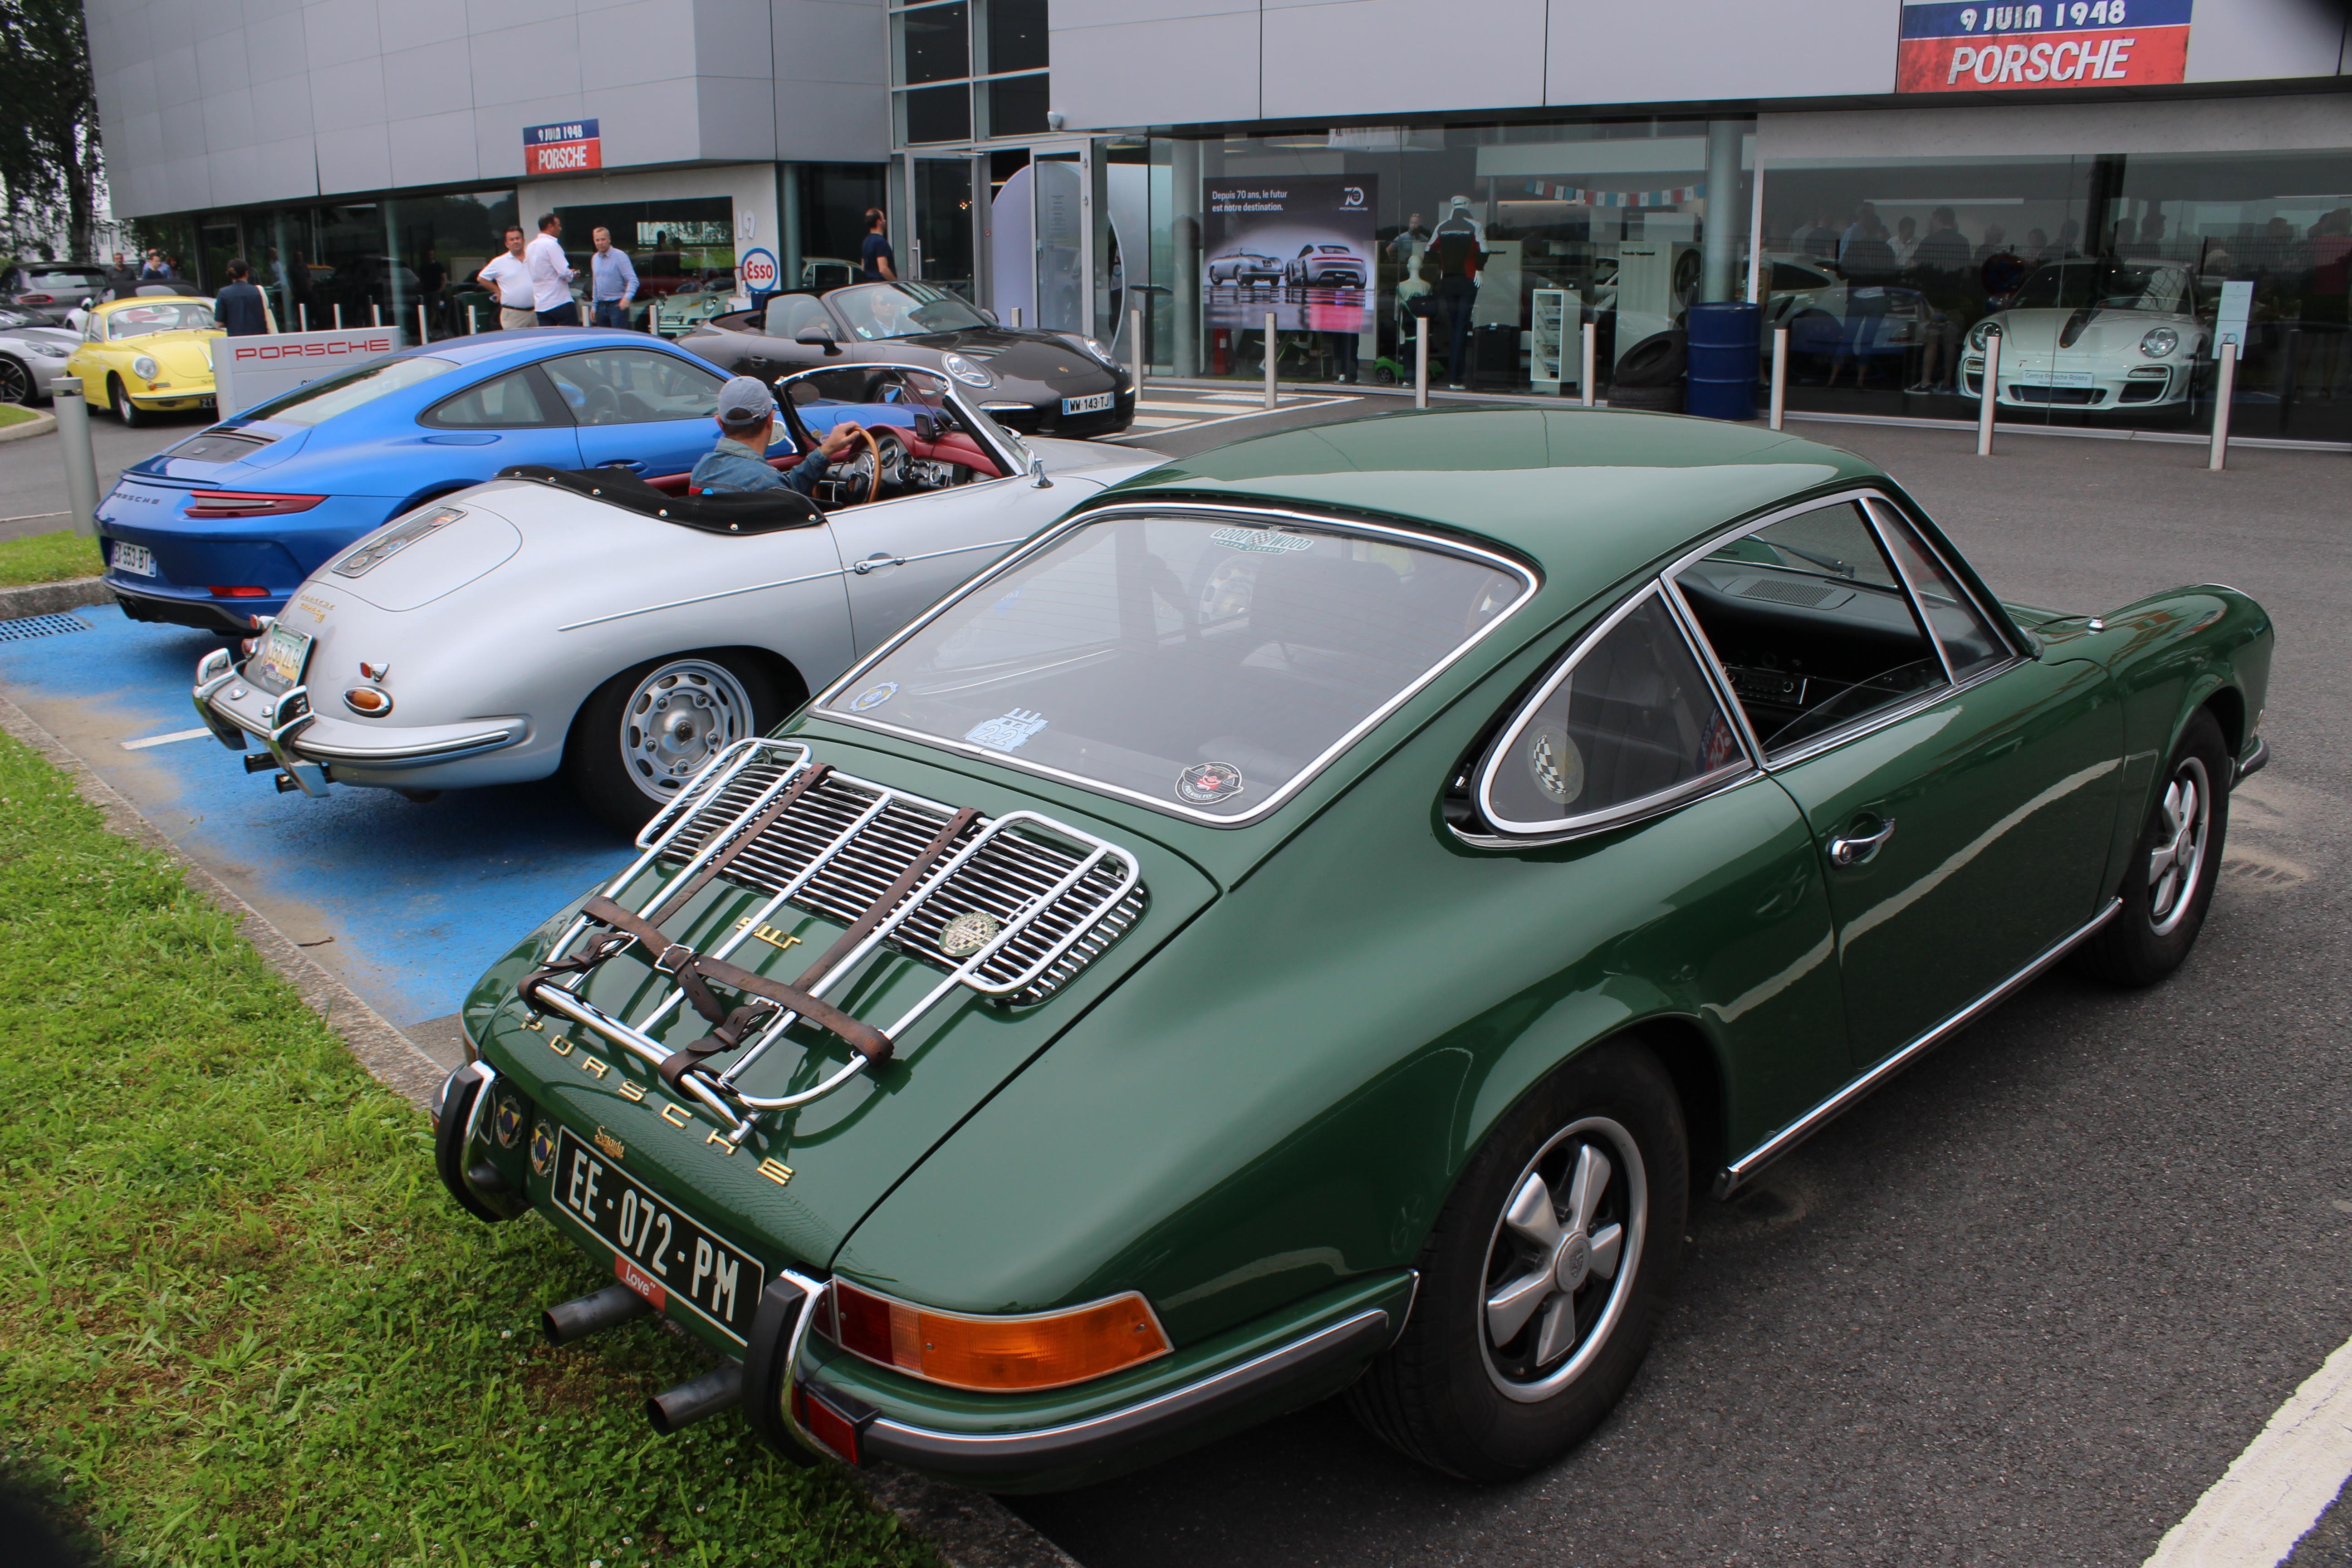 70 Ans Centre Porsche ROISSY Sonauto Img_6655